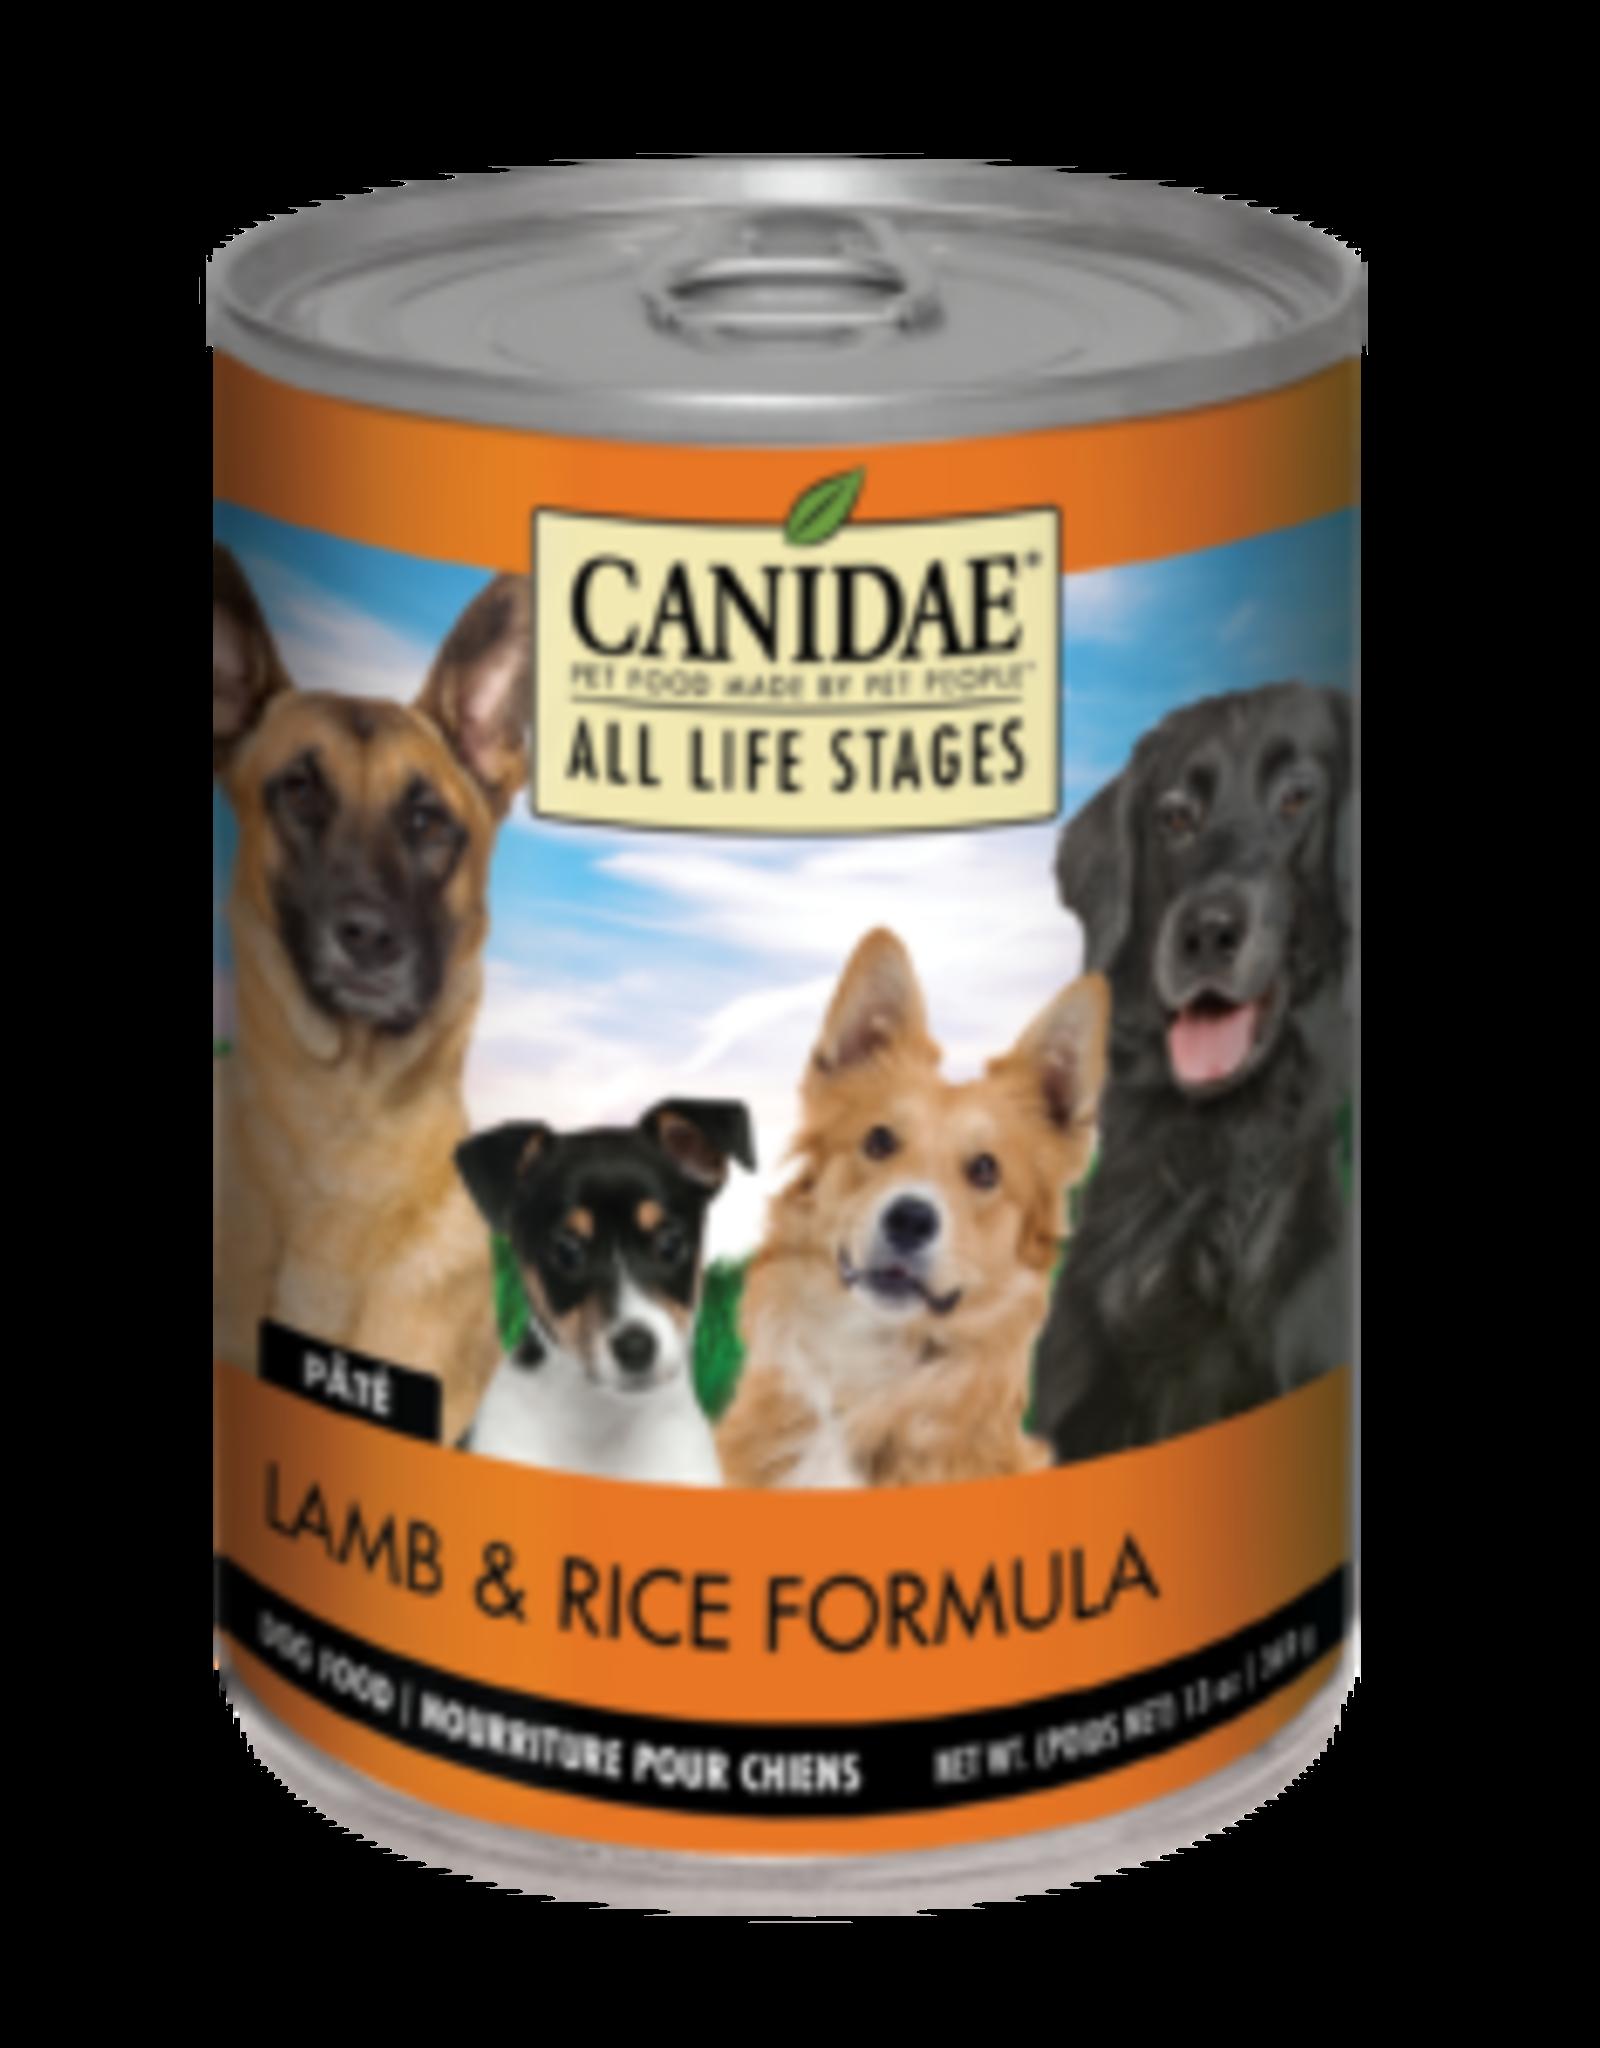 Canidae CANIDAE Lamb & Rice 13.2oz single